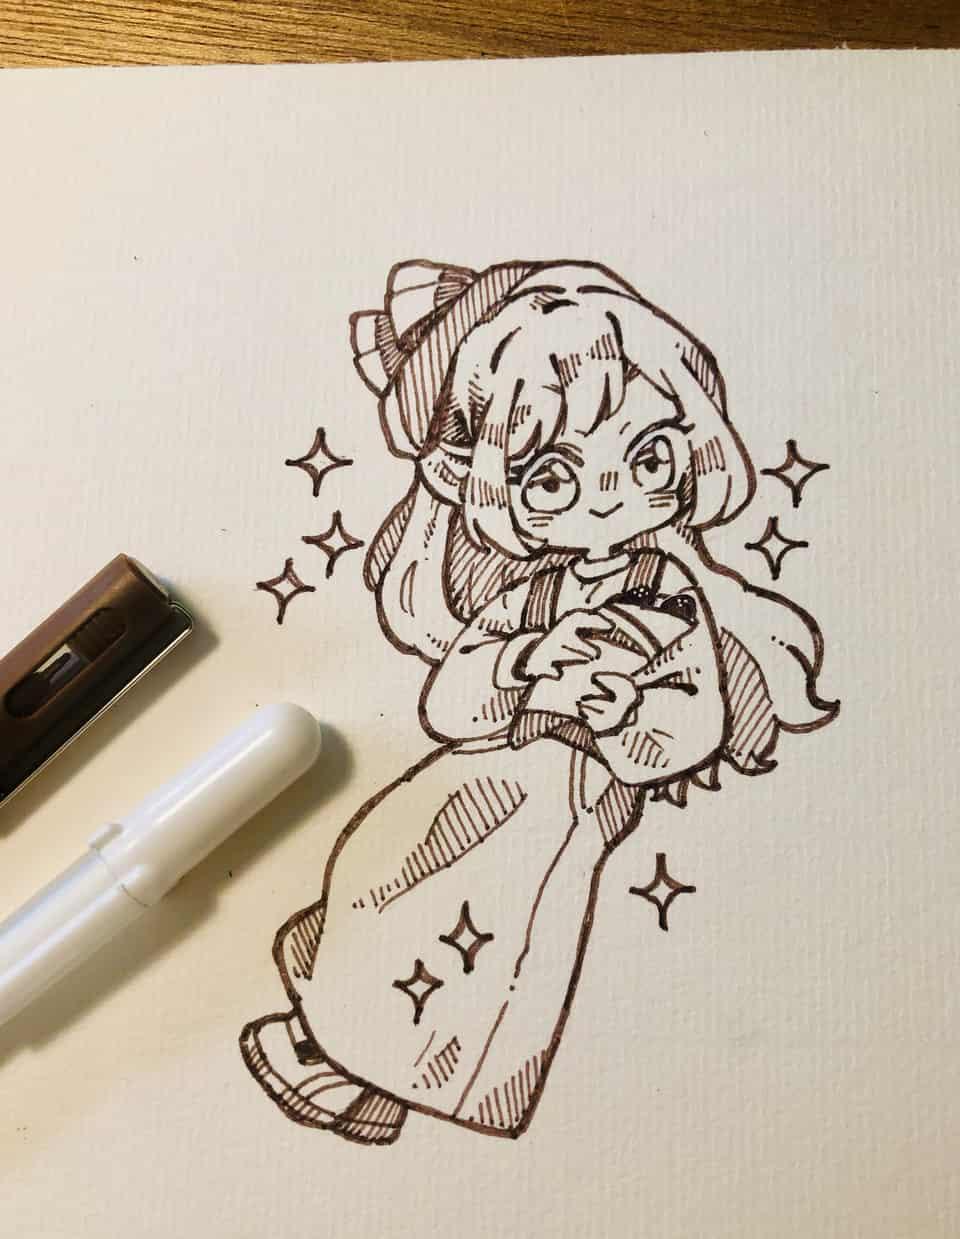 落書き Illust of 小雞撈月 doodle 代針筆